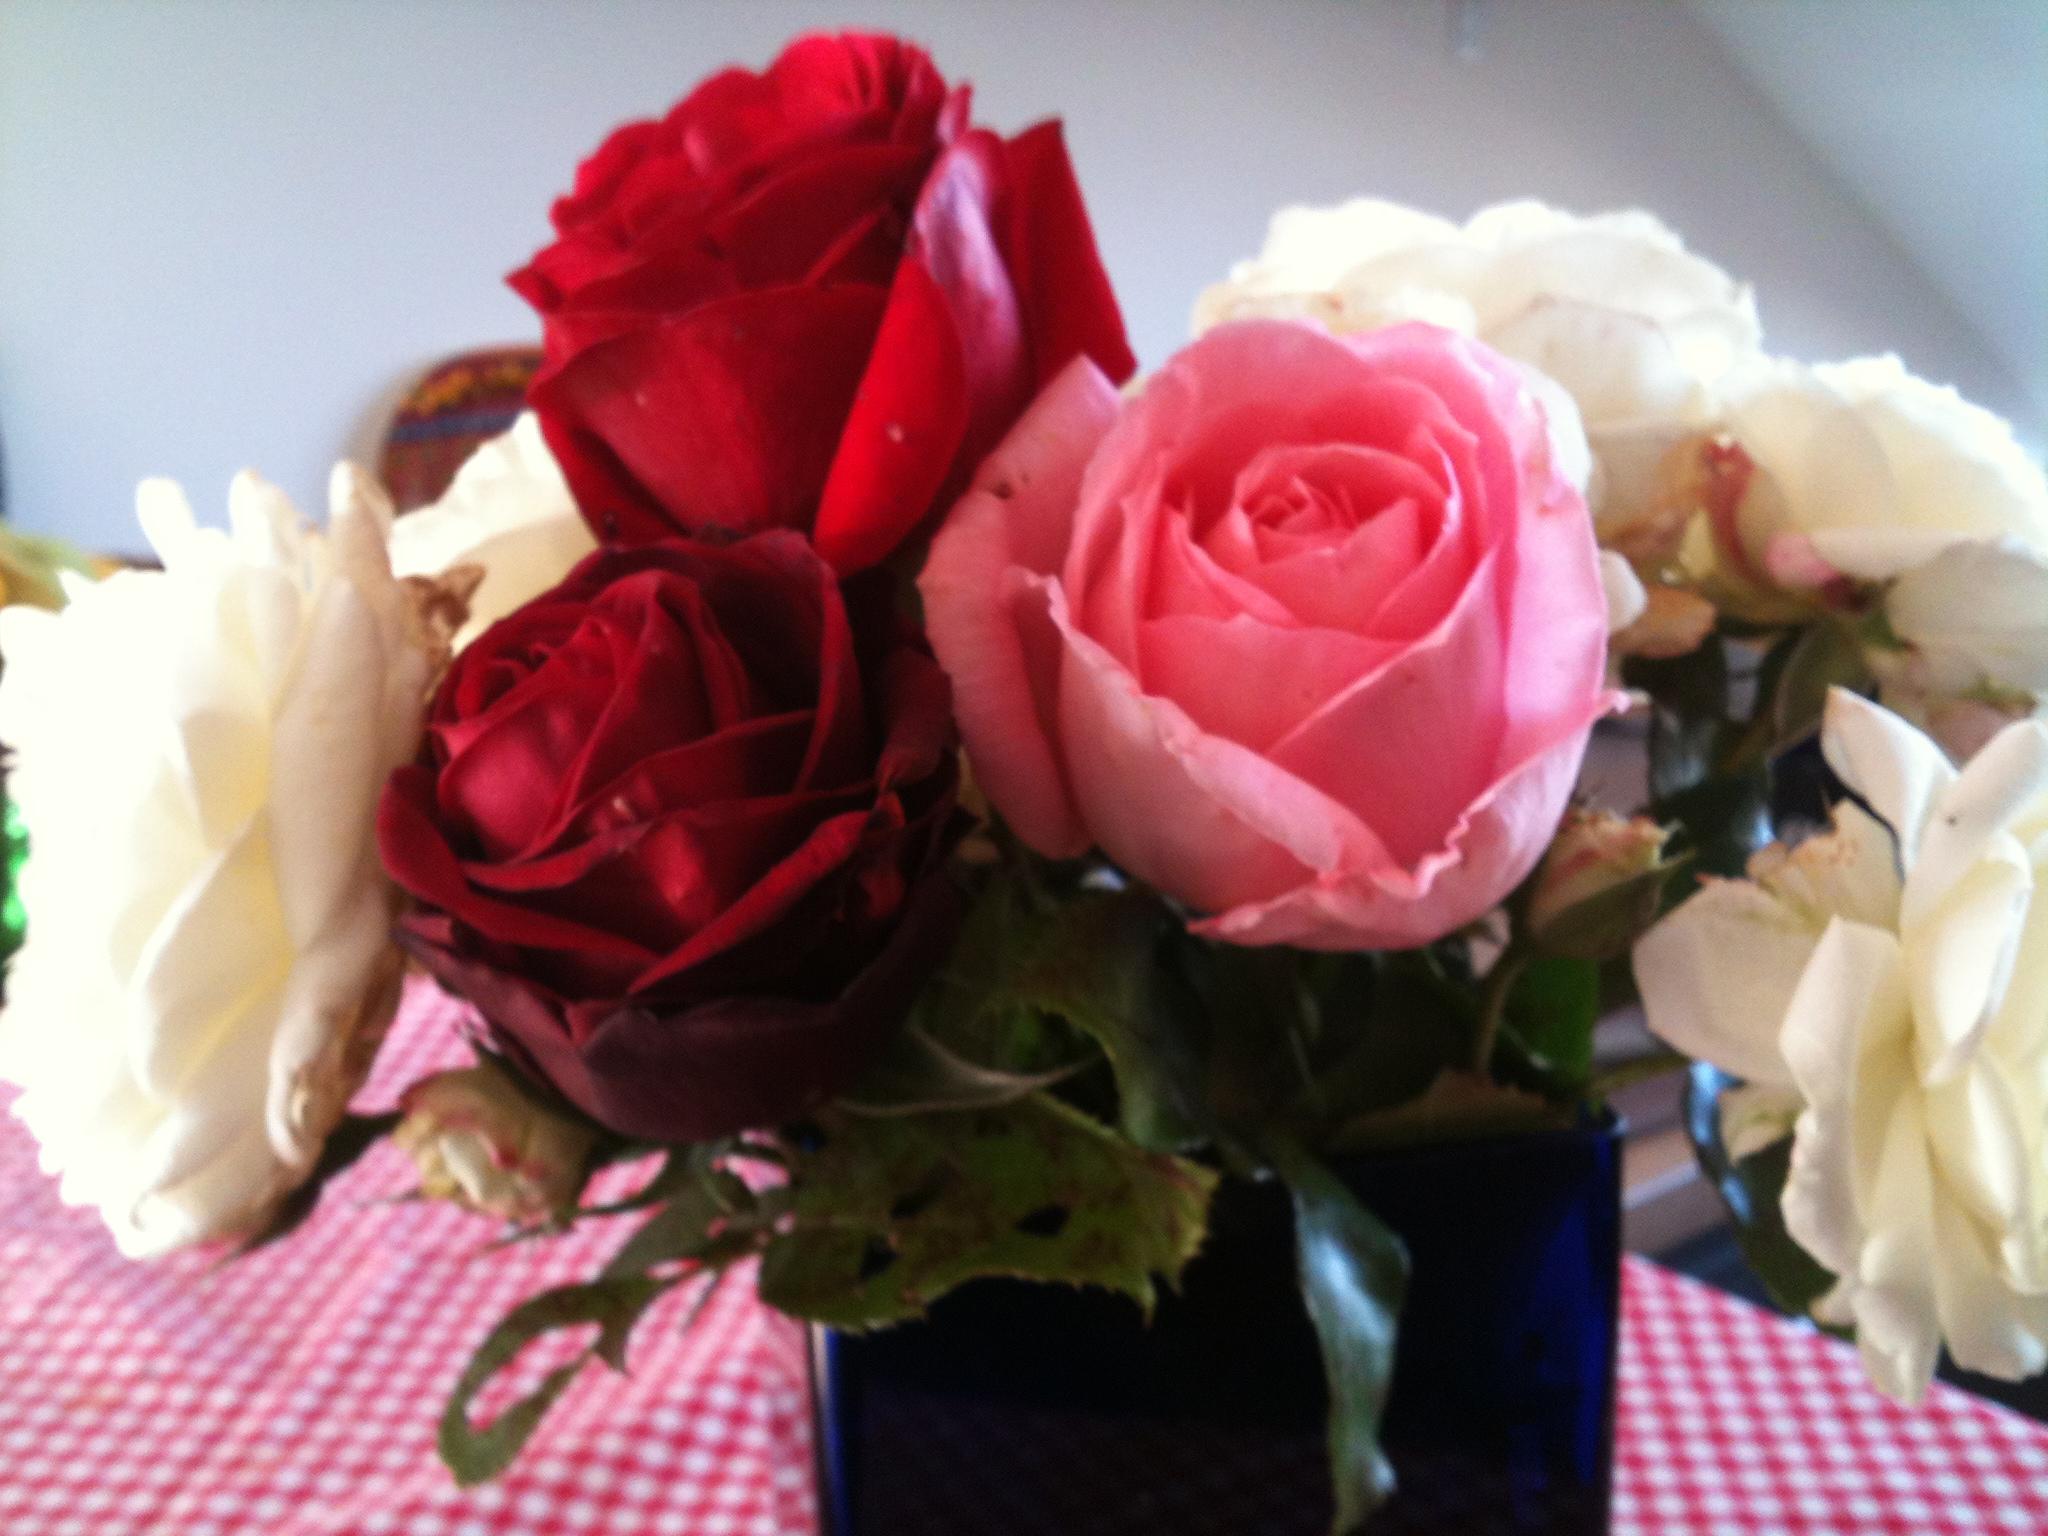 Roses representing appreciation